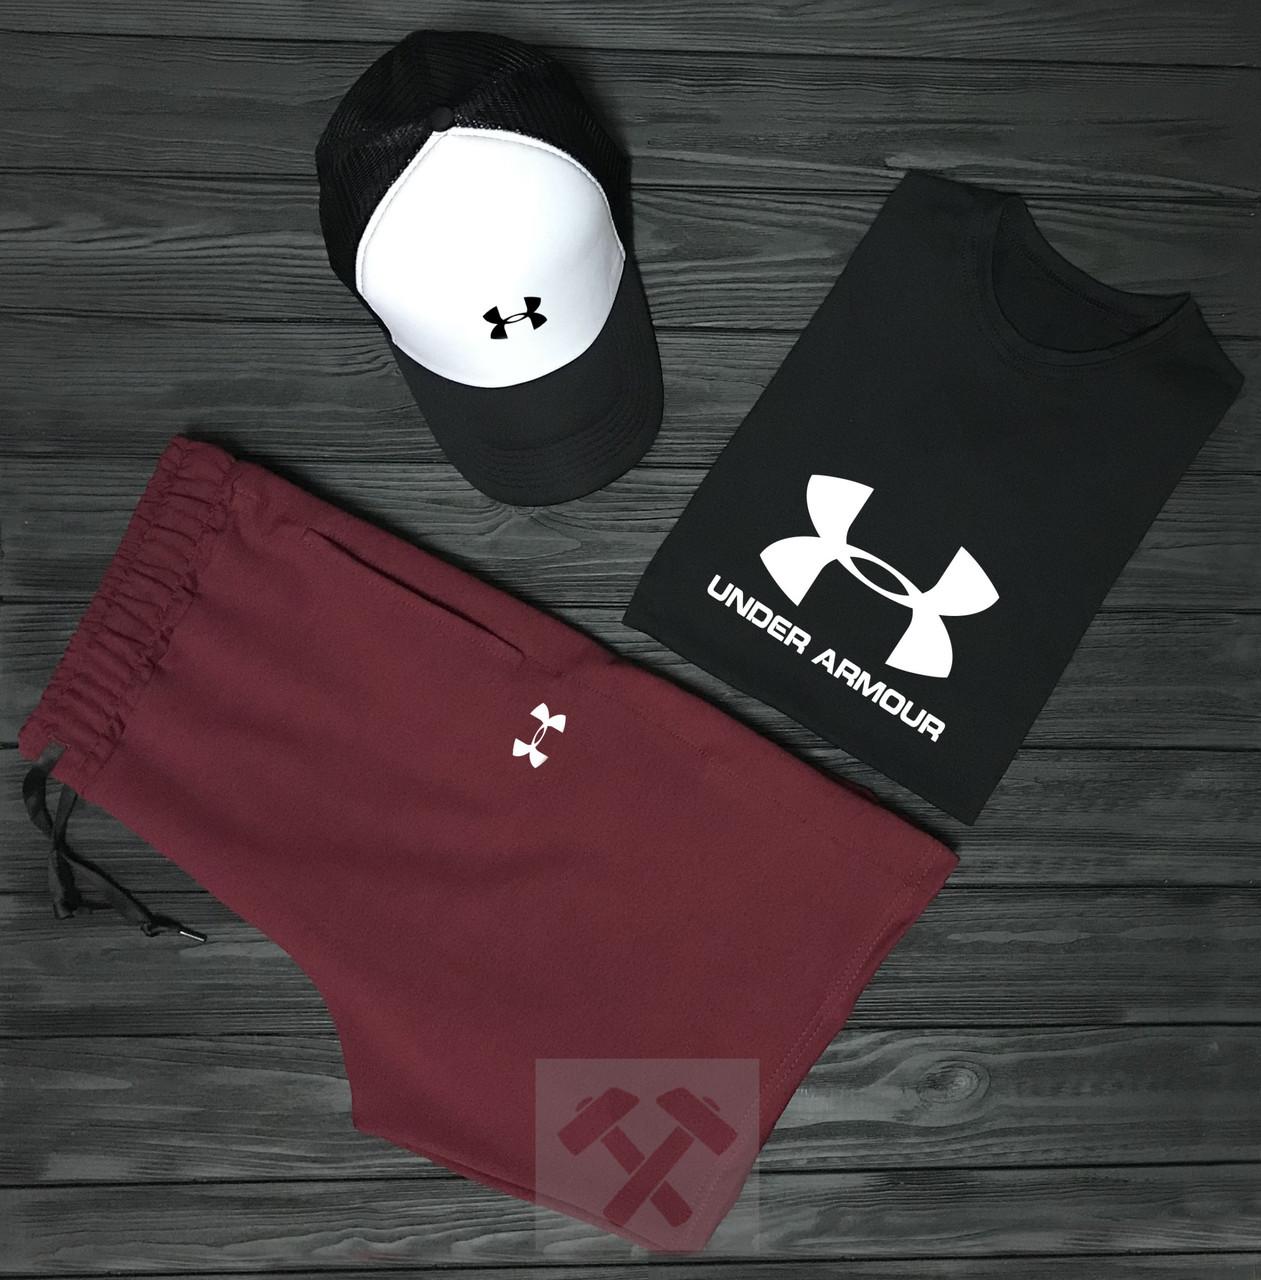 450b166df81b Мужской комплект футболка кепка и шорты Under Armour черного и красного  цвета (люкс копия)